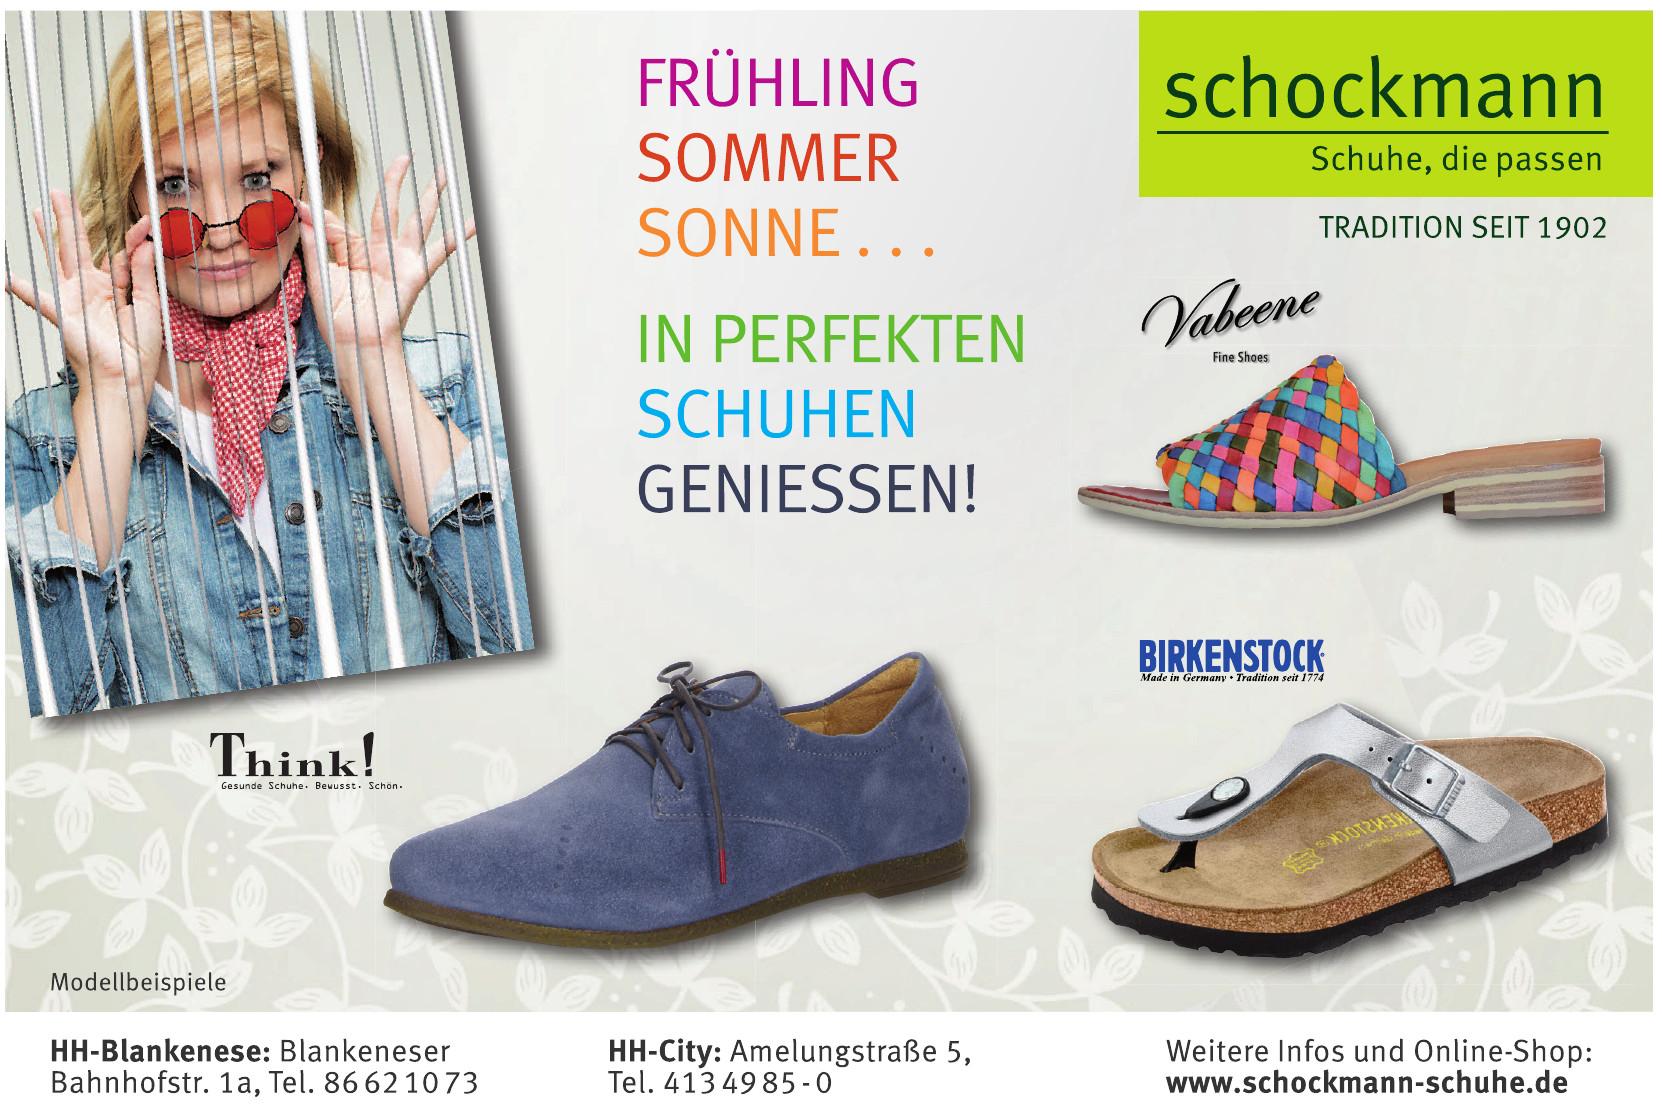 Schockmann GmbH